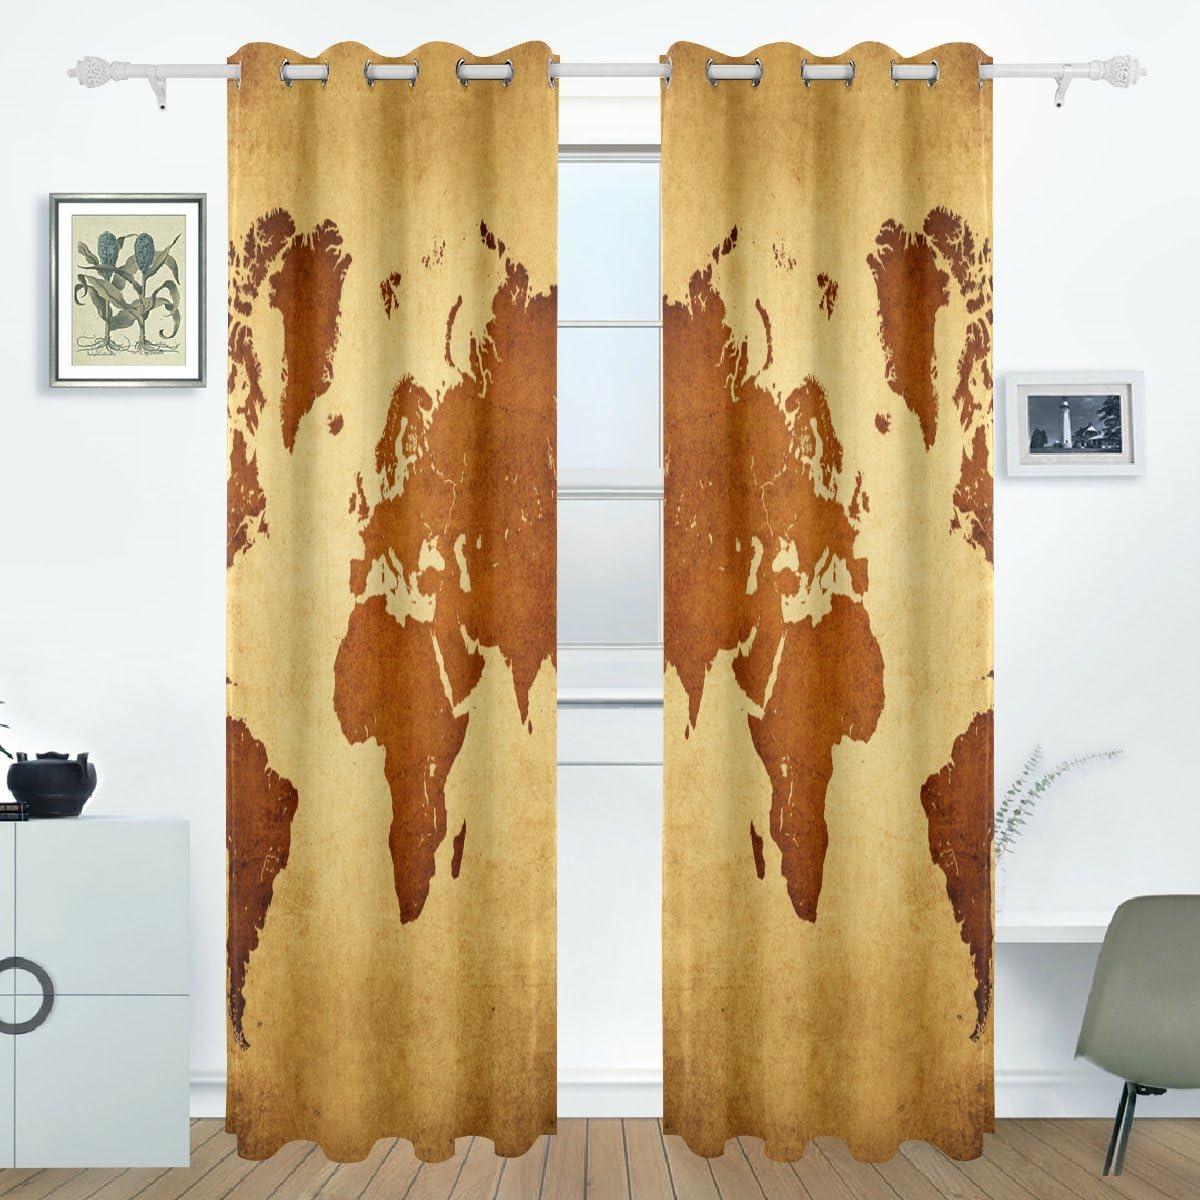 bennigiry Vintage mapa del mundo cortinas Drapes paneles oscurecimiento opaco Arandela separador para el jardín ventana corredera de cristal puerta 55 x 84 pulgadas, 2 paneles: Amazon.es: Hogar